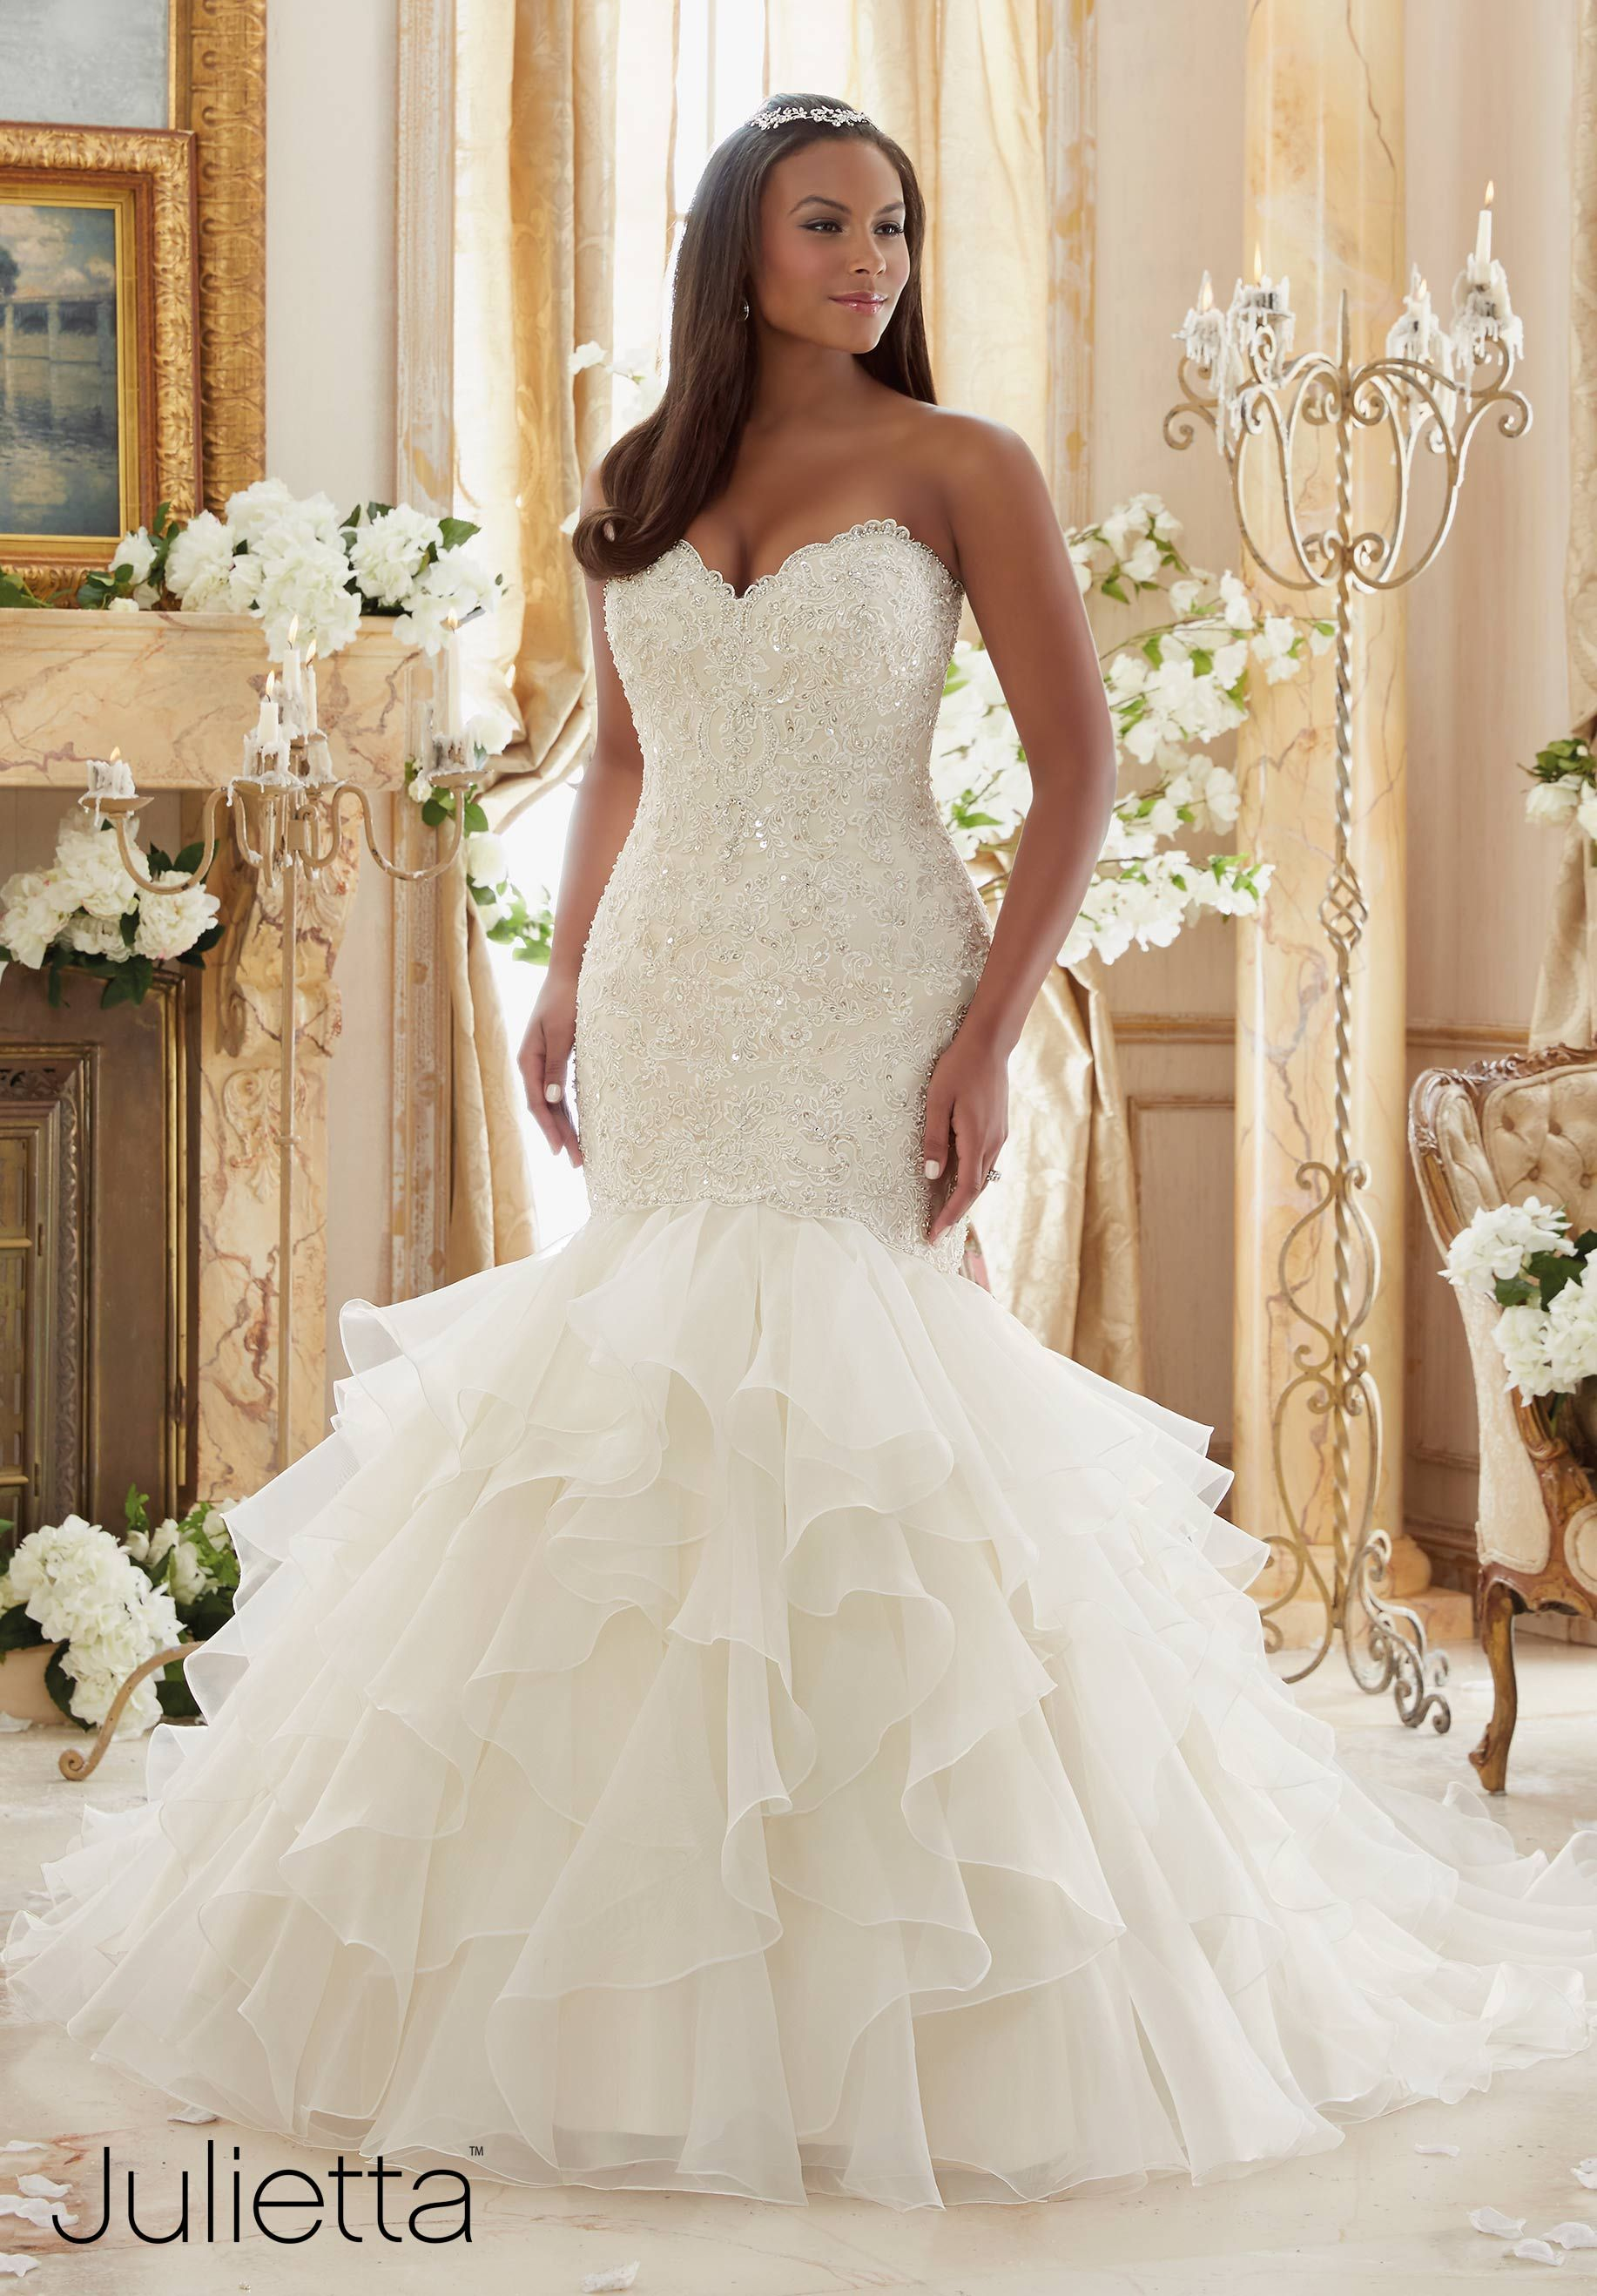 Bbw wedding dresses  Plus Size Wedding Gowns  Mori Lee  Julietta Collection  Pretty